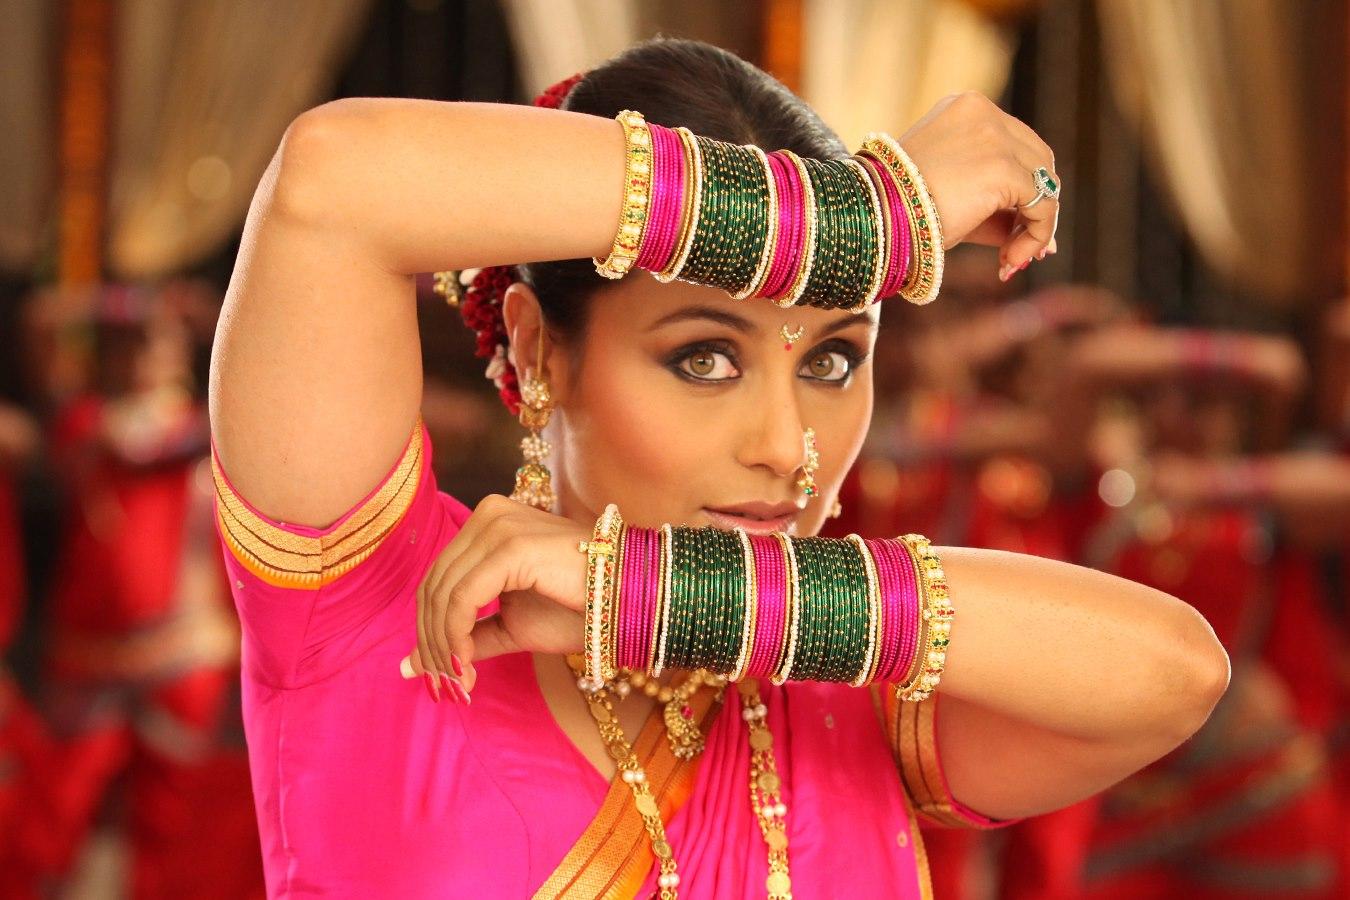 Le Saviez Vous Le Cinema Bollywood Fete Ses 100 Ans